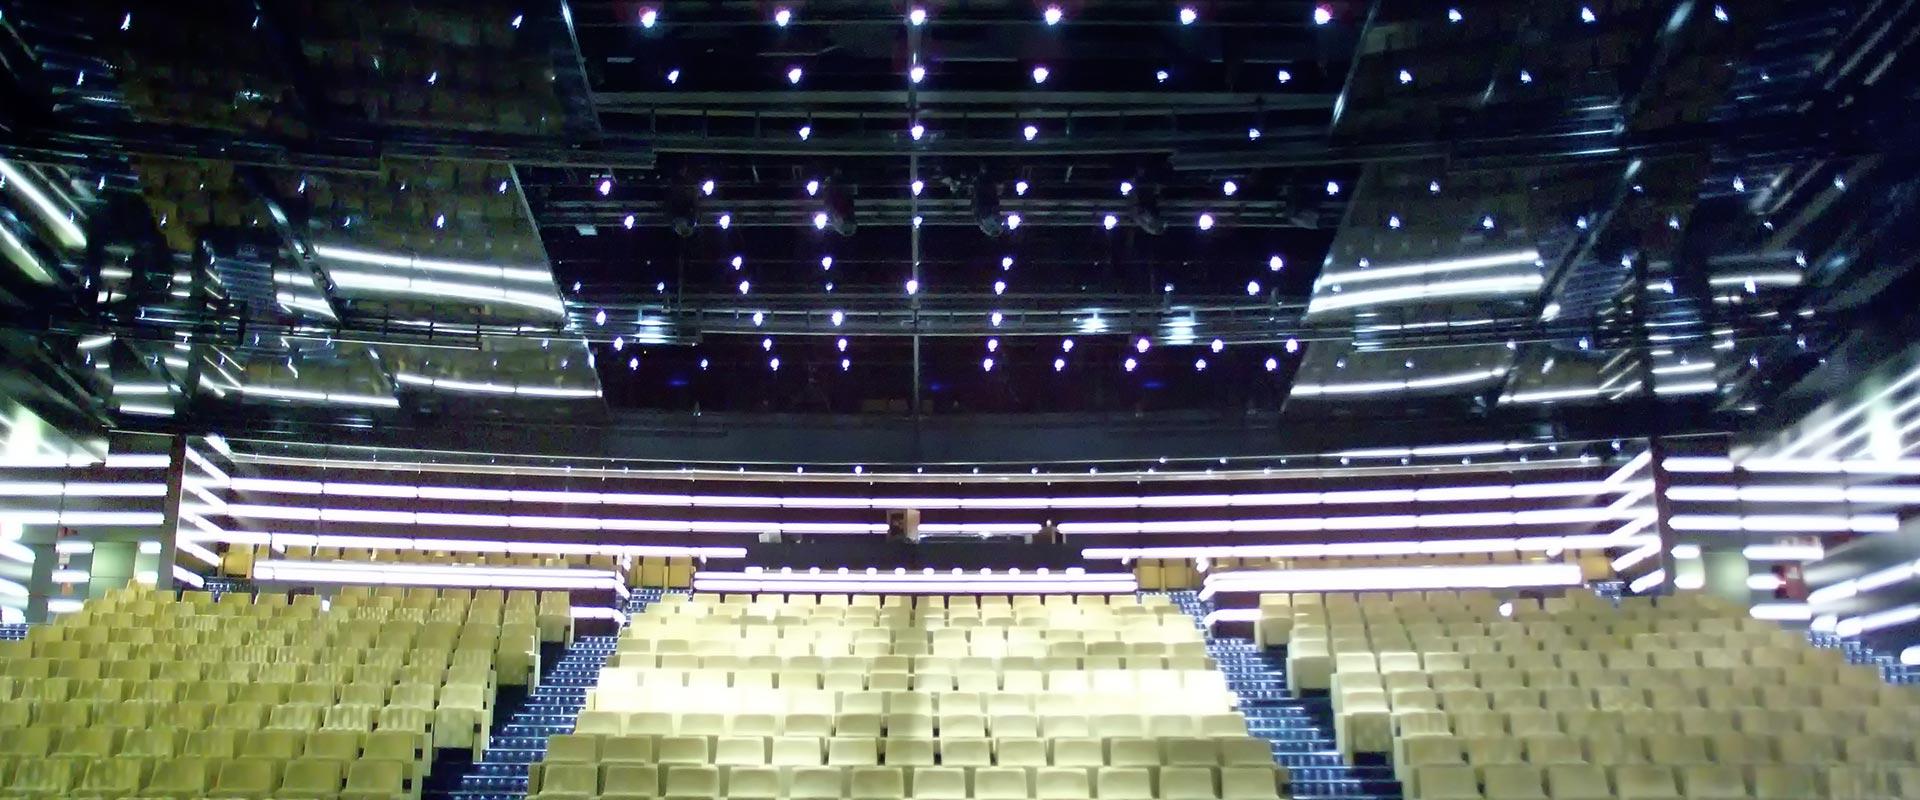 iluminacao-cenica-casino-lisboa